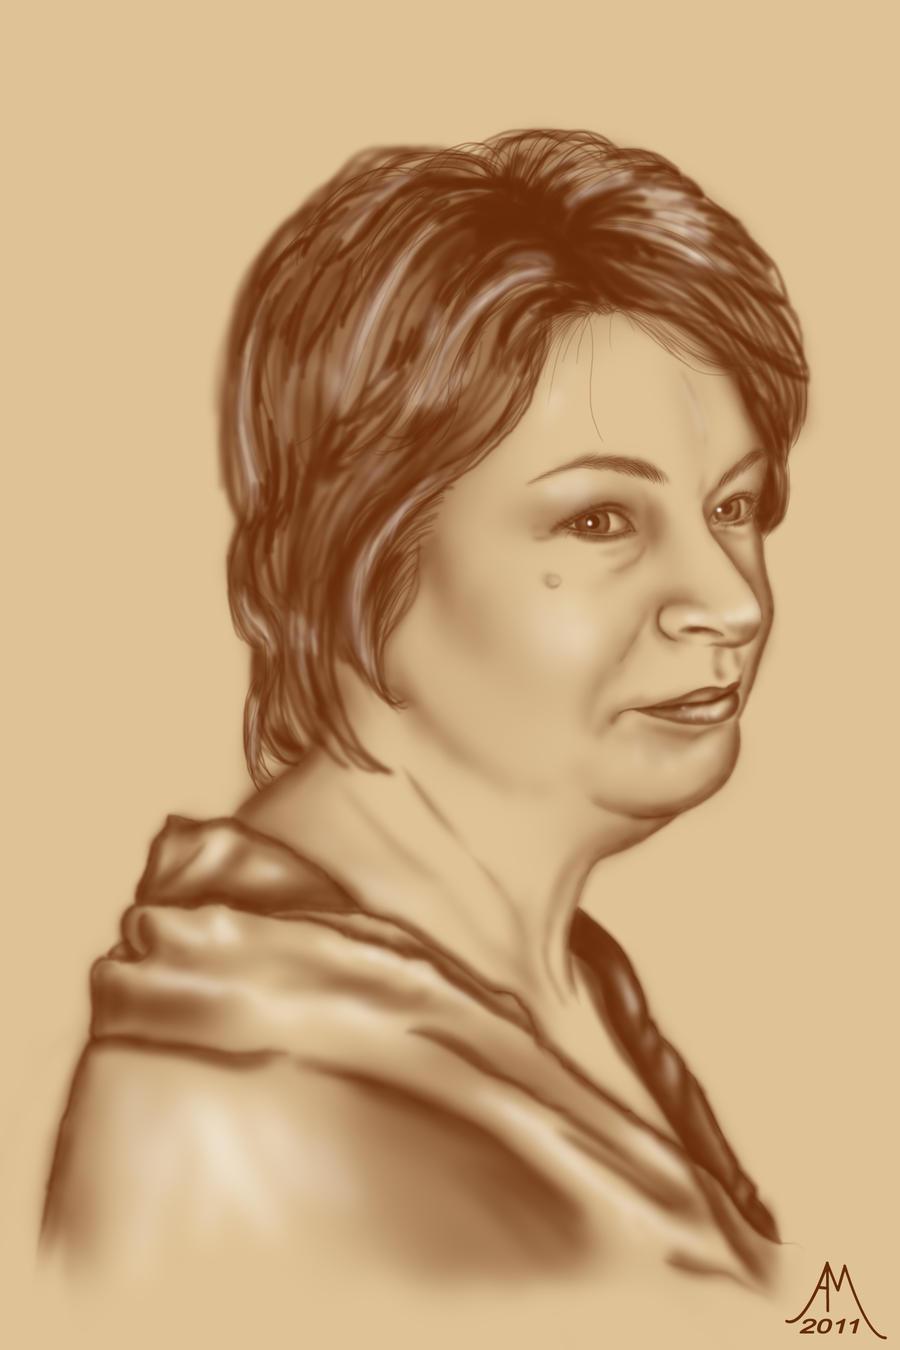 violscraper's Profile Picture